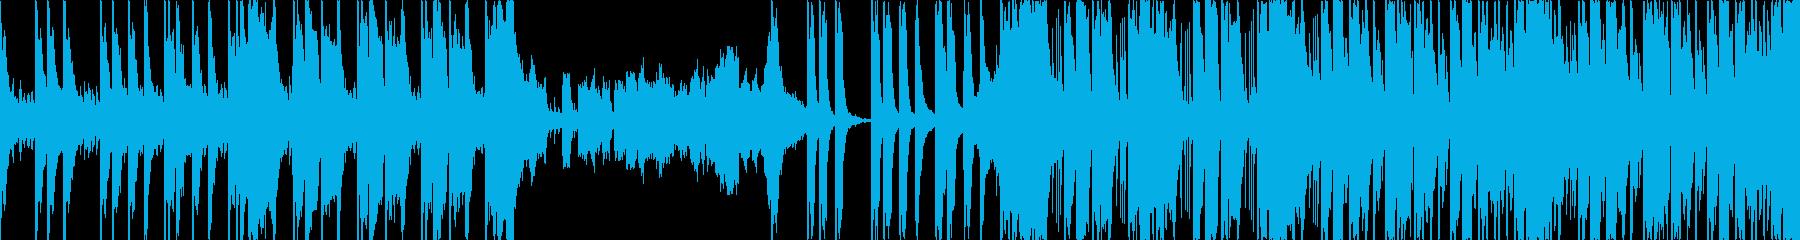 おしゃれ、ポジティブ、エレクトロ、Lの再生済みの波形